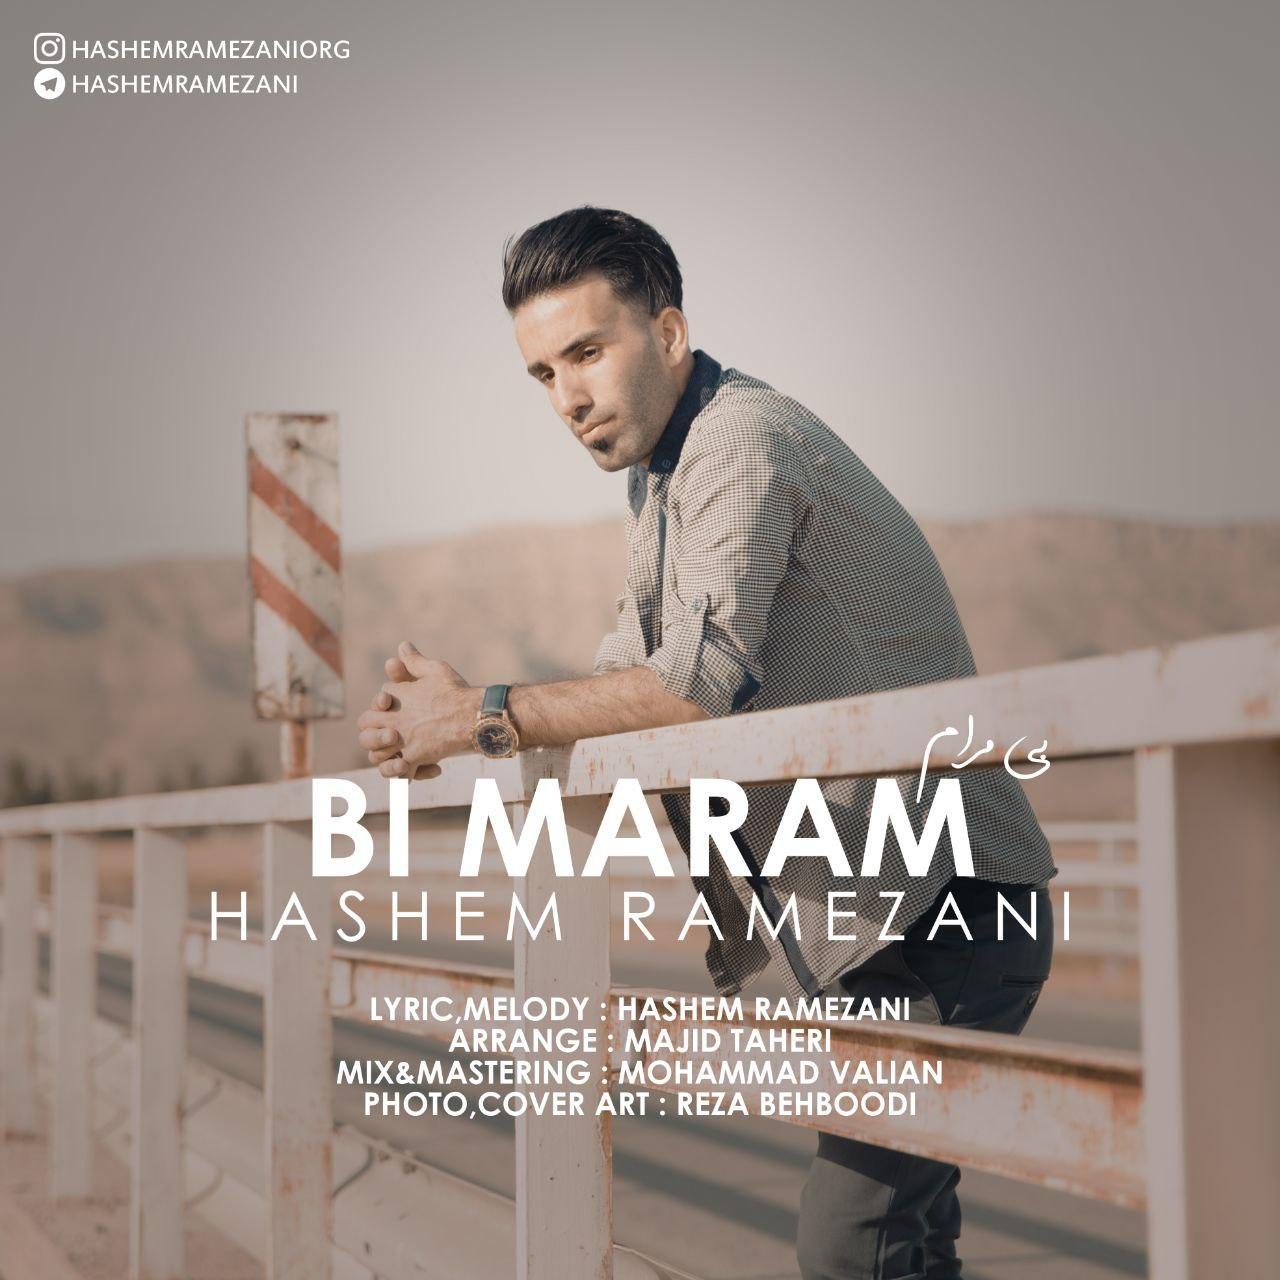 دانلود اهنگ جدید هاشم رمضانی بی مرام